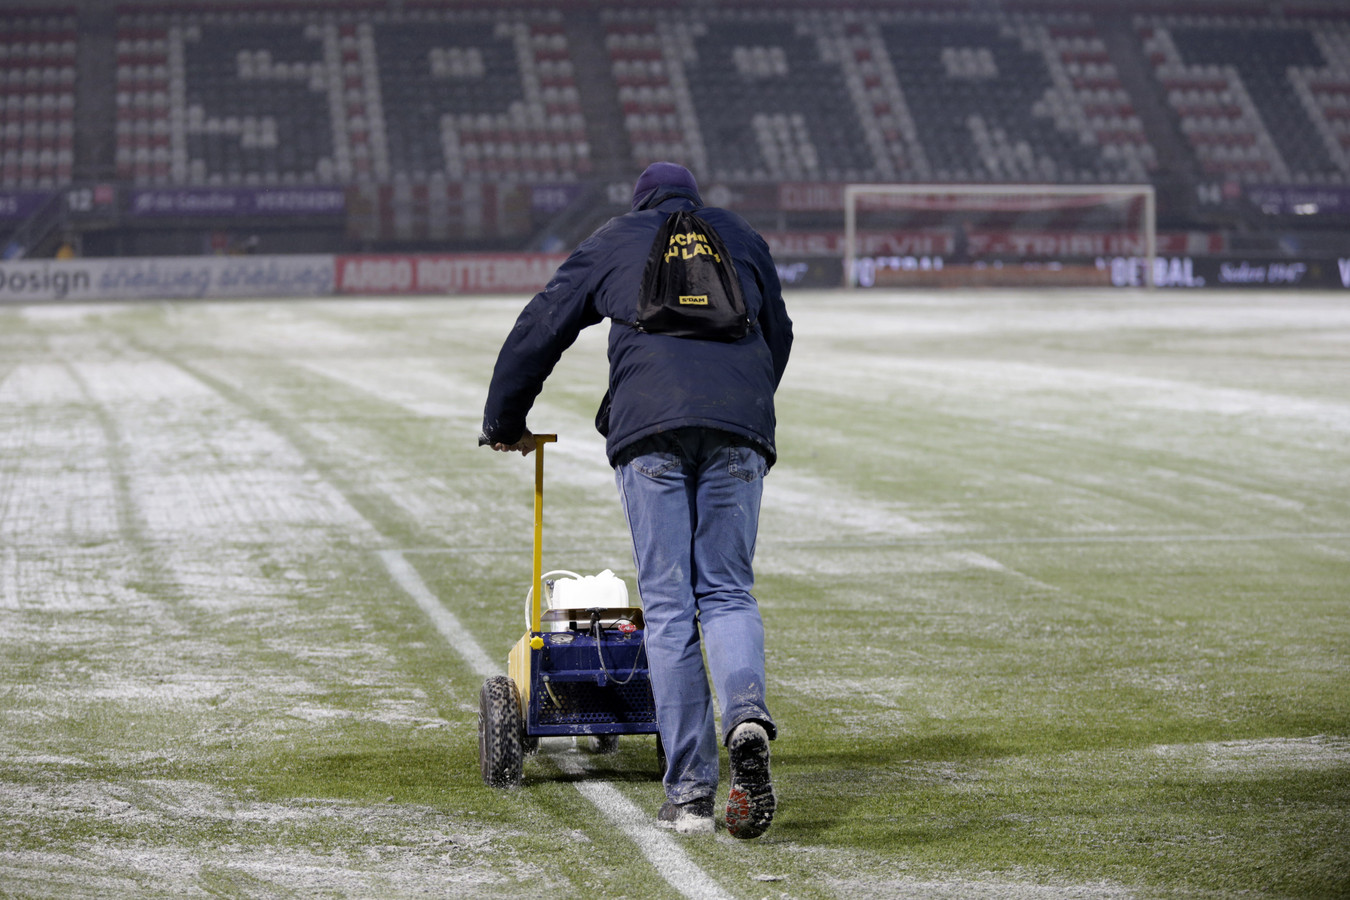 Het veld wordt zo goed mogelijk sneeuwvrij gemaakt voor de wedstrijd tussen Sparta en PSV.